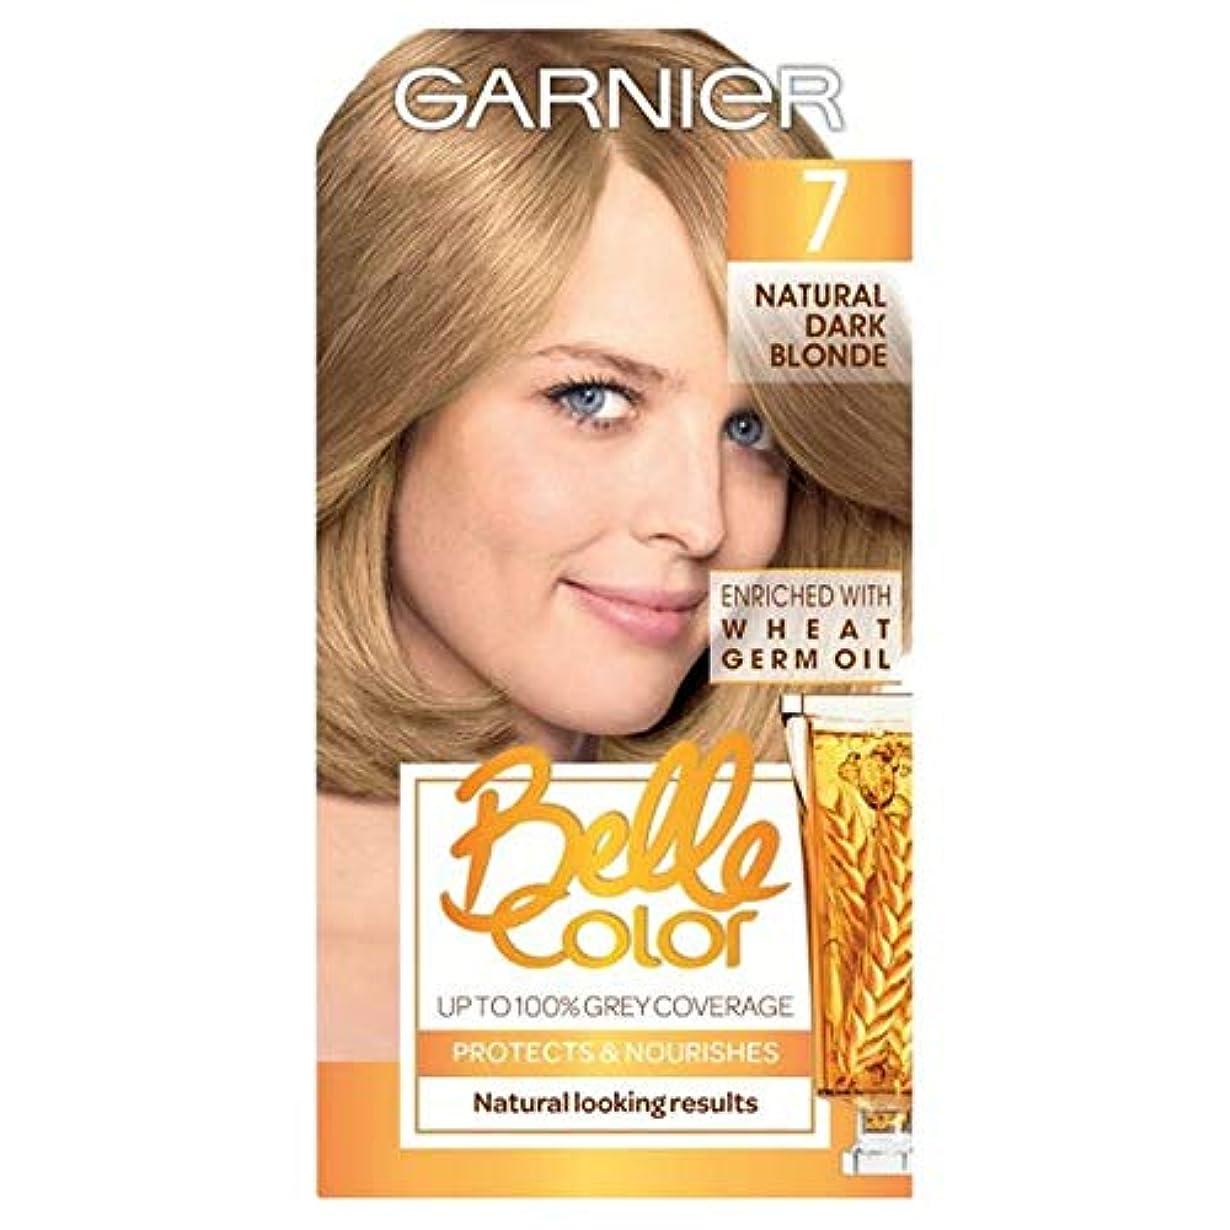 誕生分子陸軍[Belle Color ] ガーン/ベル/Clr 7ナチュラルダークブロンドパーマネントヘアダイ - Garn/Bel/Clr 7 Natural Dark Blonde Permanent Hair Dye [並行輸入品]